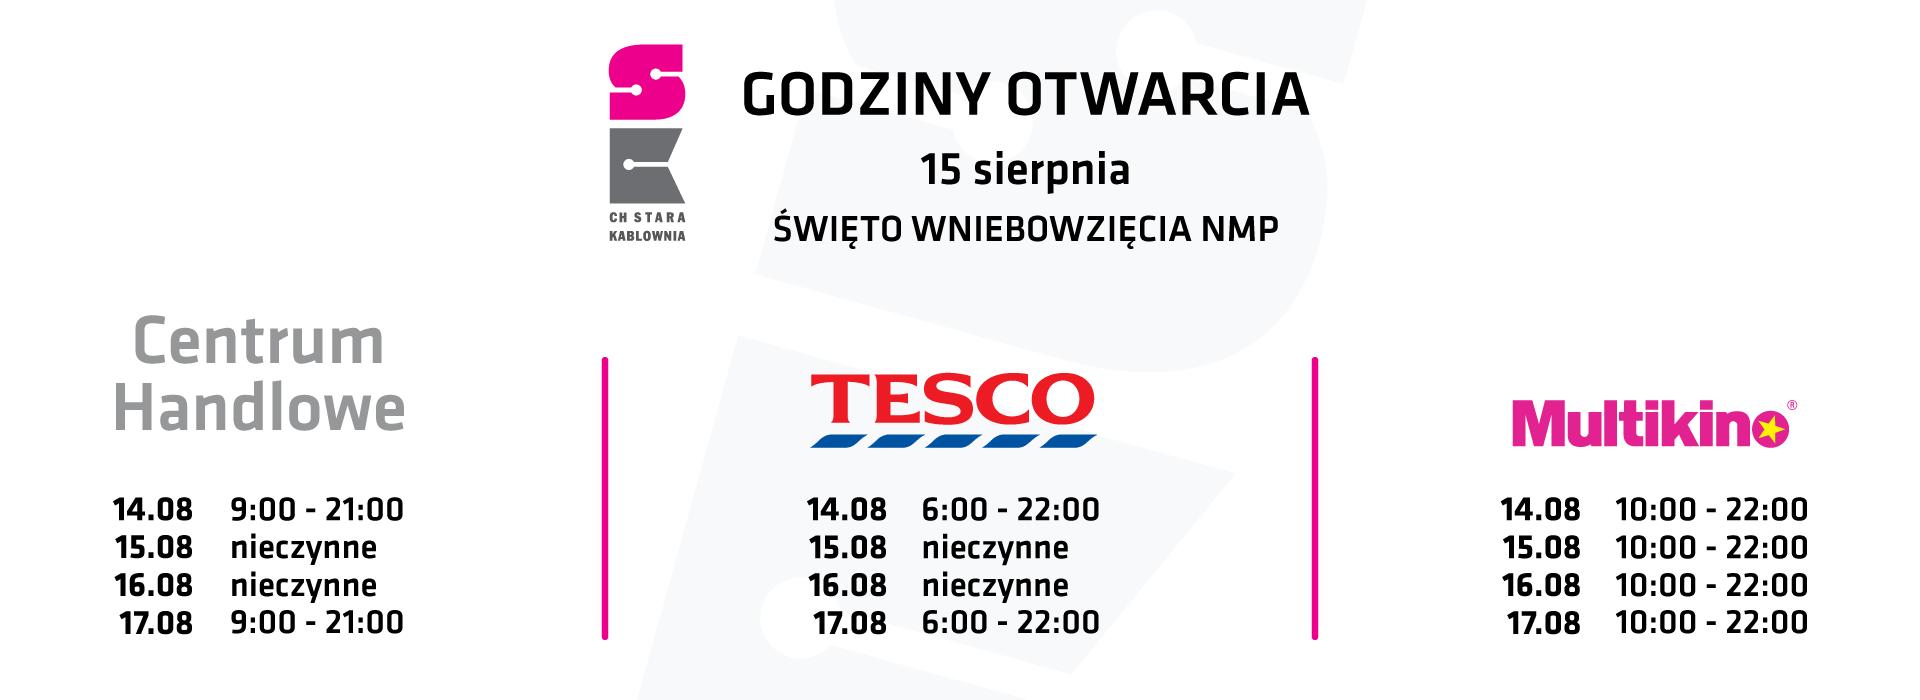 Godziny otwarcia 15.08 i 16.08